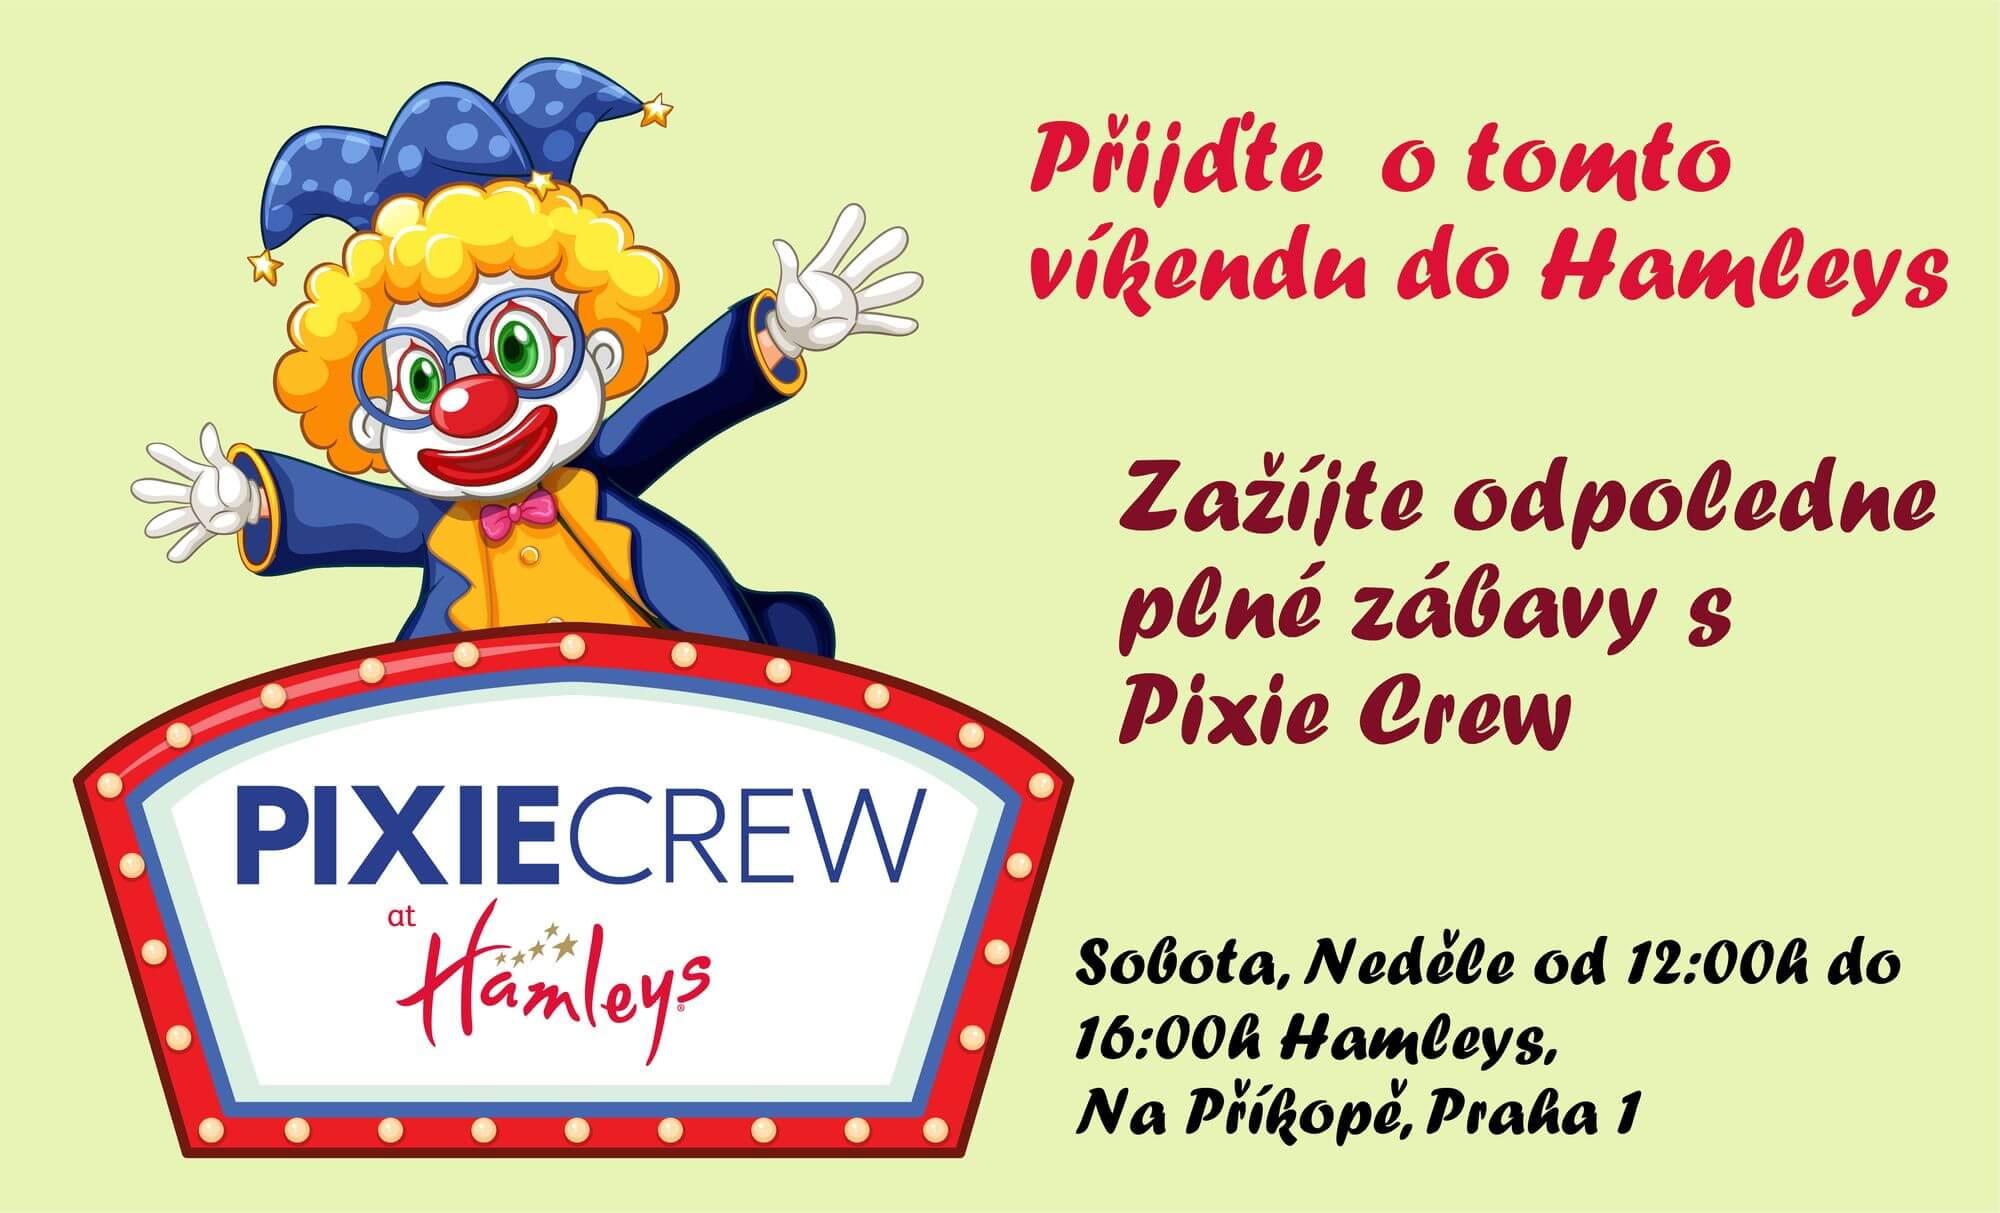 pixie-crew-v-hamleys-banner